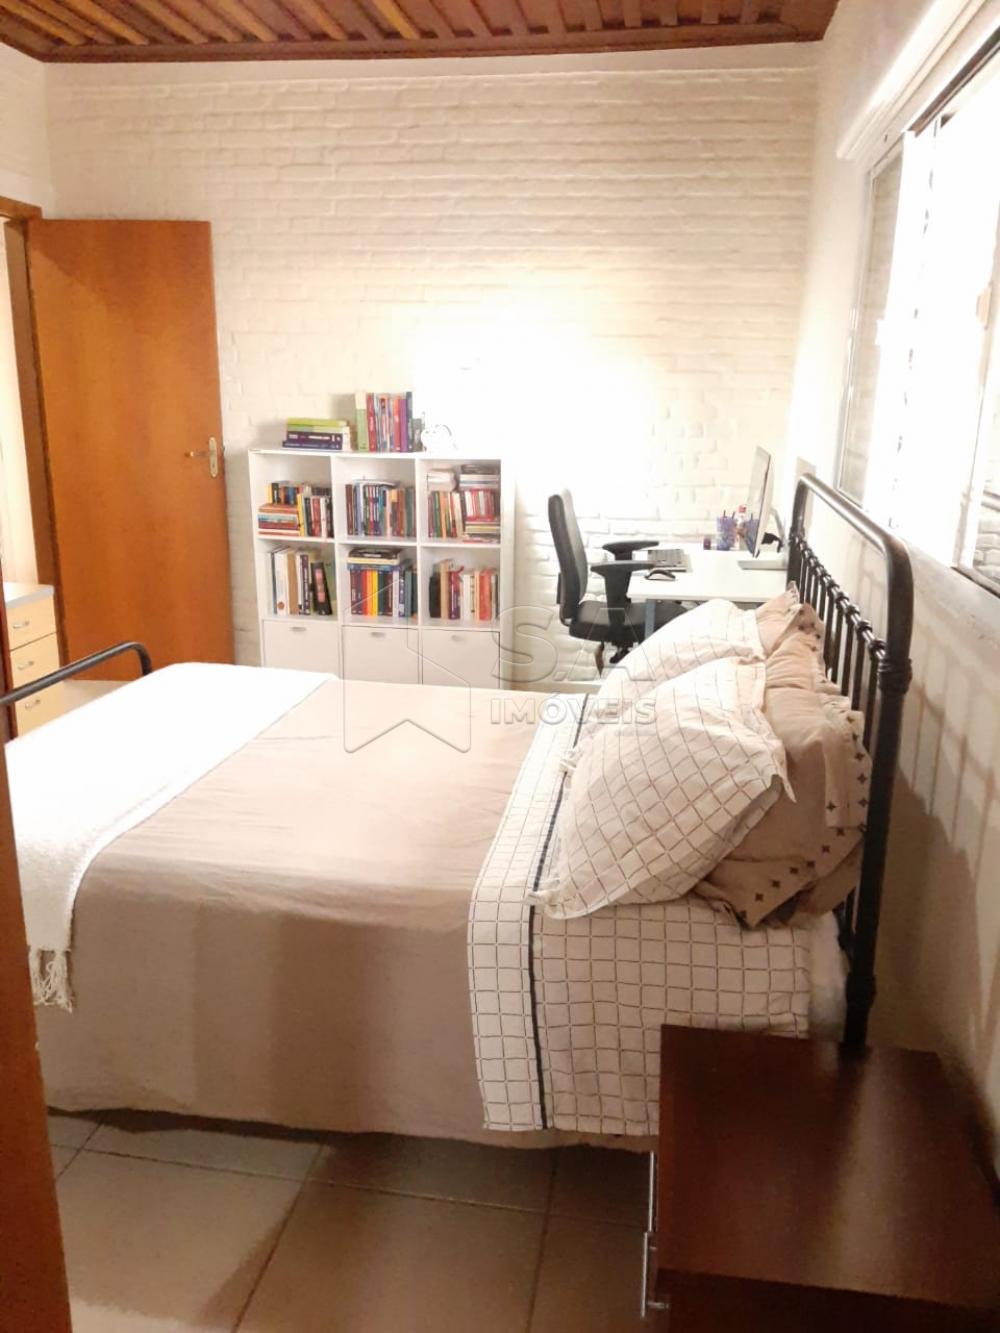 Comprar Casa / Padrão em Botucatu apenas R$ 370.000,00 - Foto 19